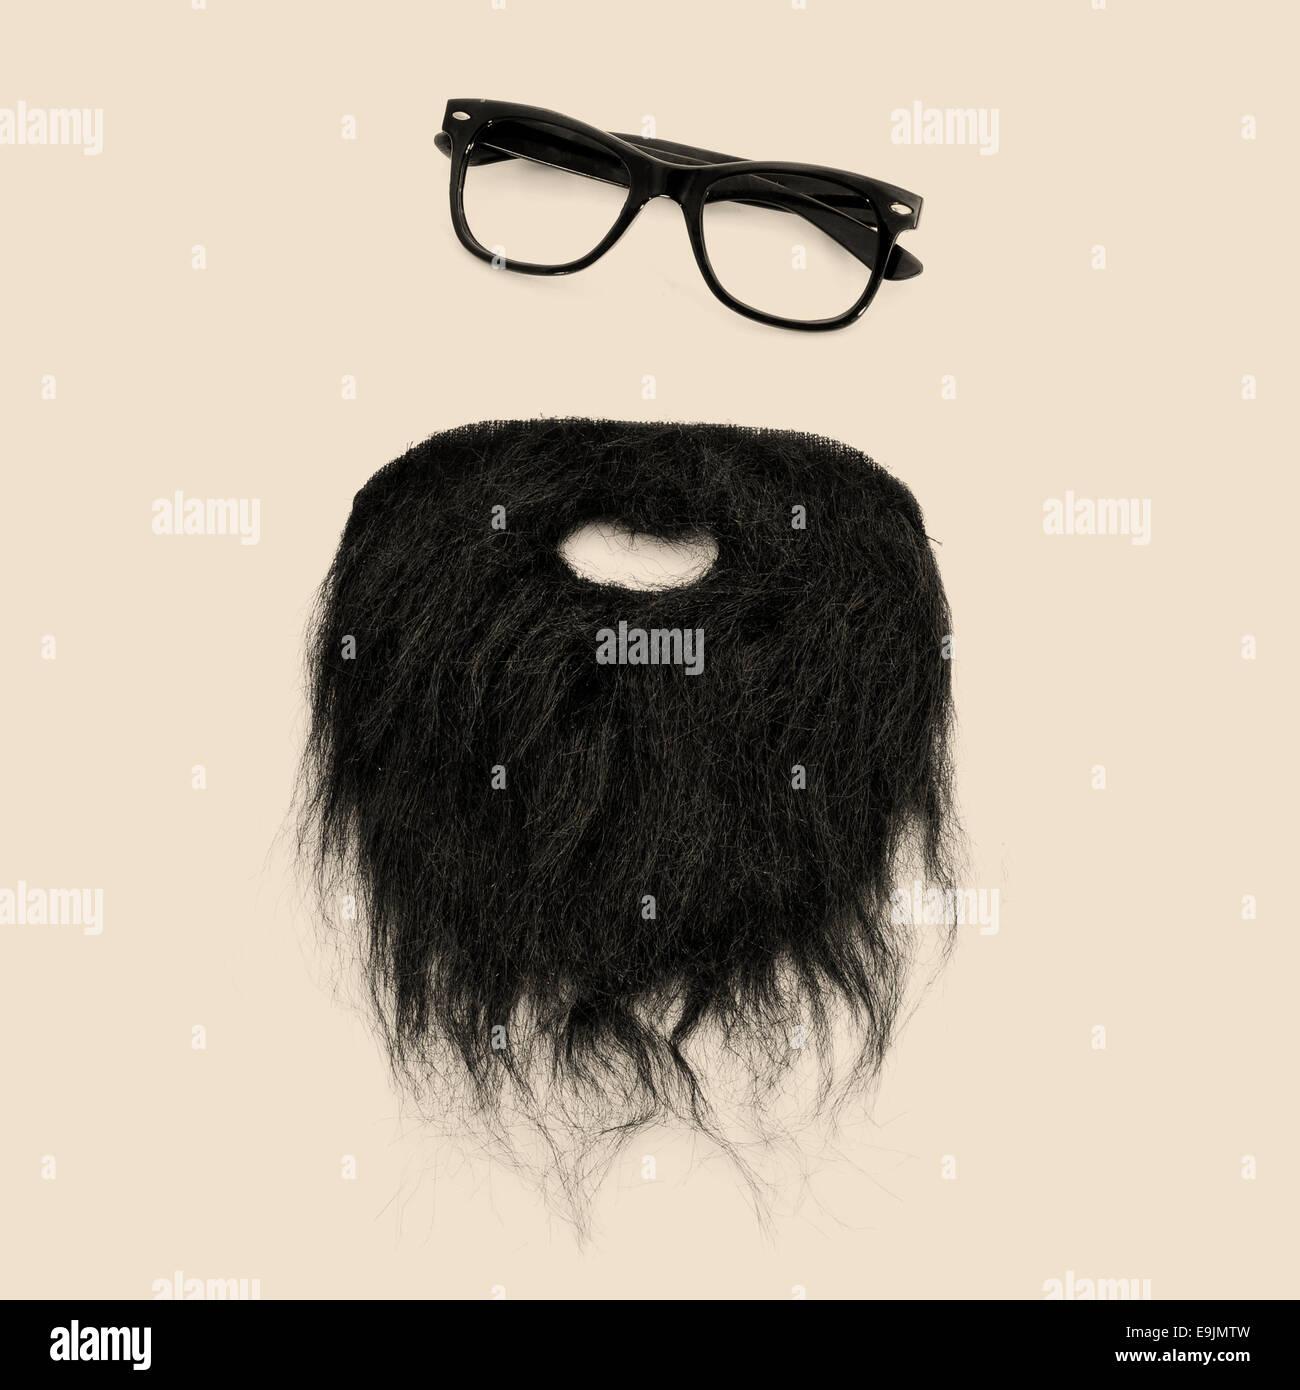 Une paire de lunettes rétro et une barbe formant un homme visage sur un fond beige Photo Stock